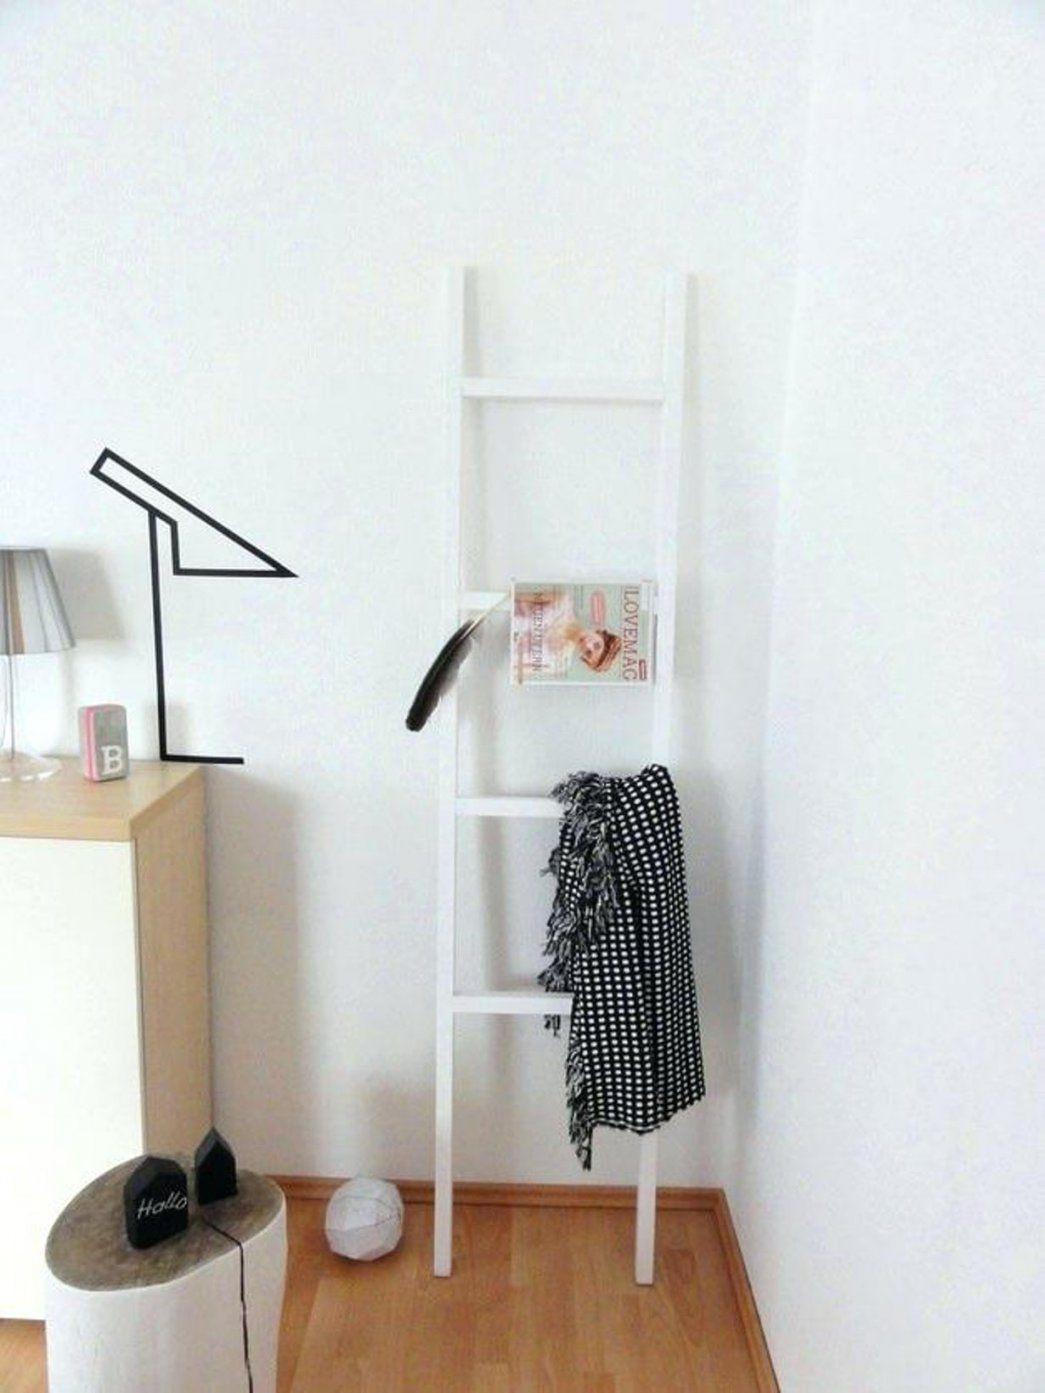 Schlafzimmer Ablage Kleidung Bettdecken Strauss Innovation Sind